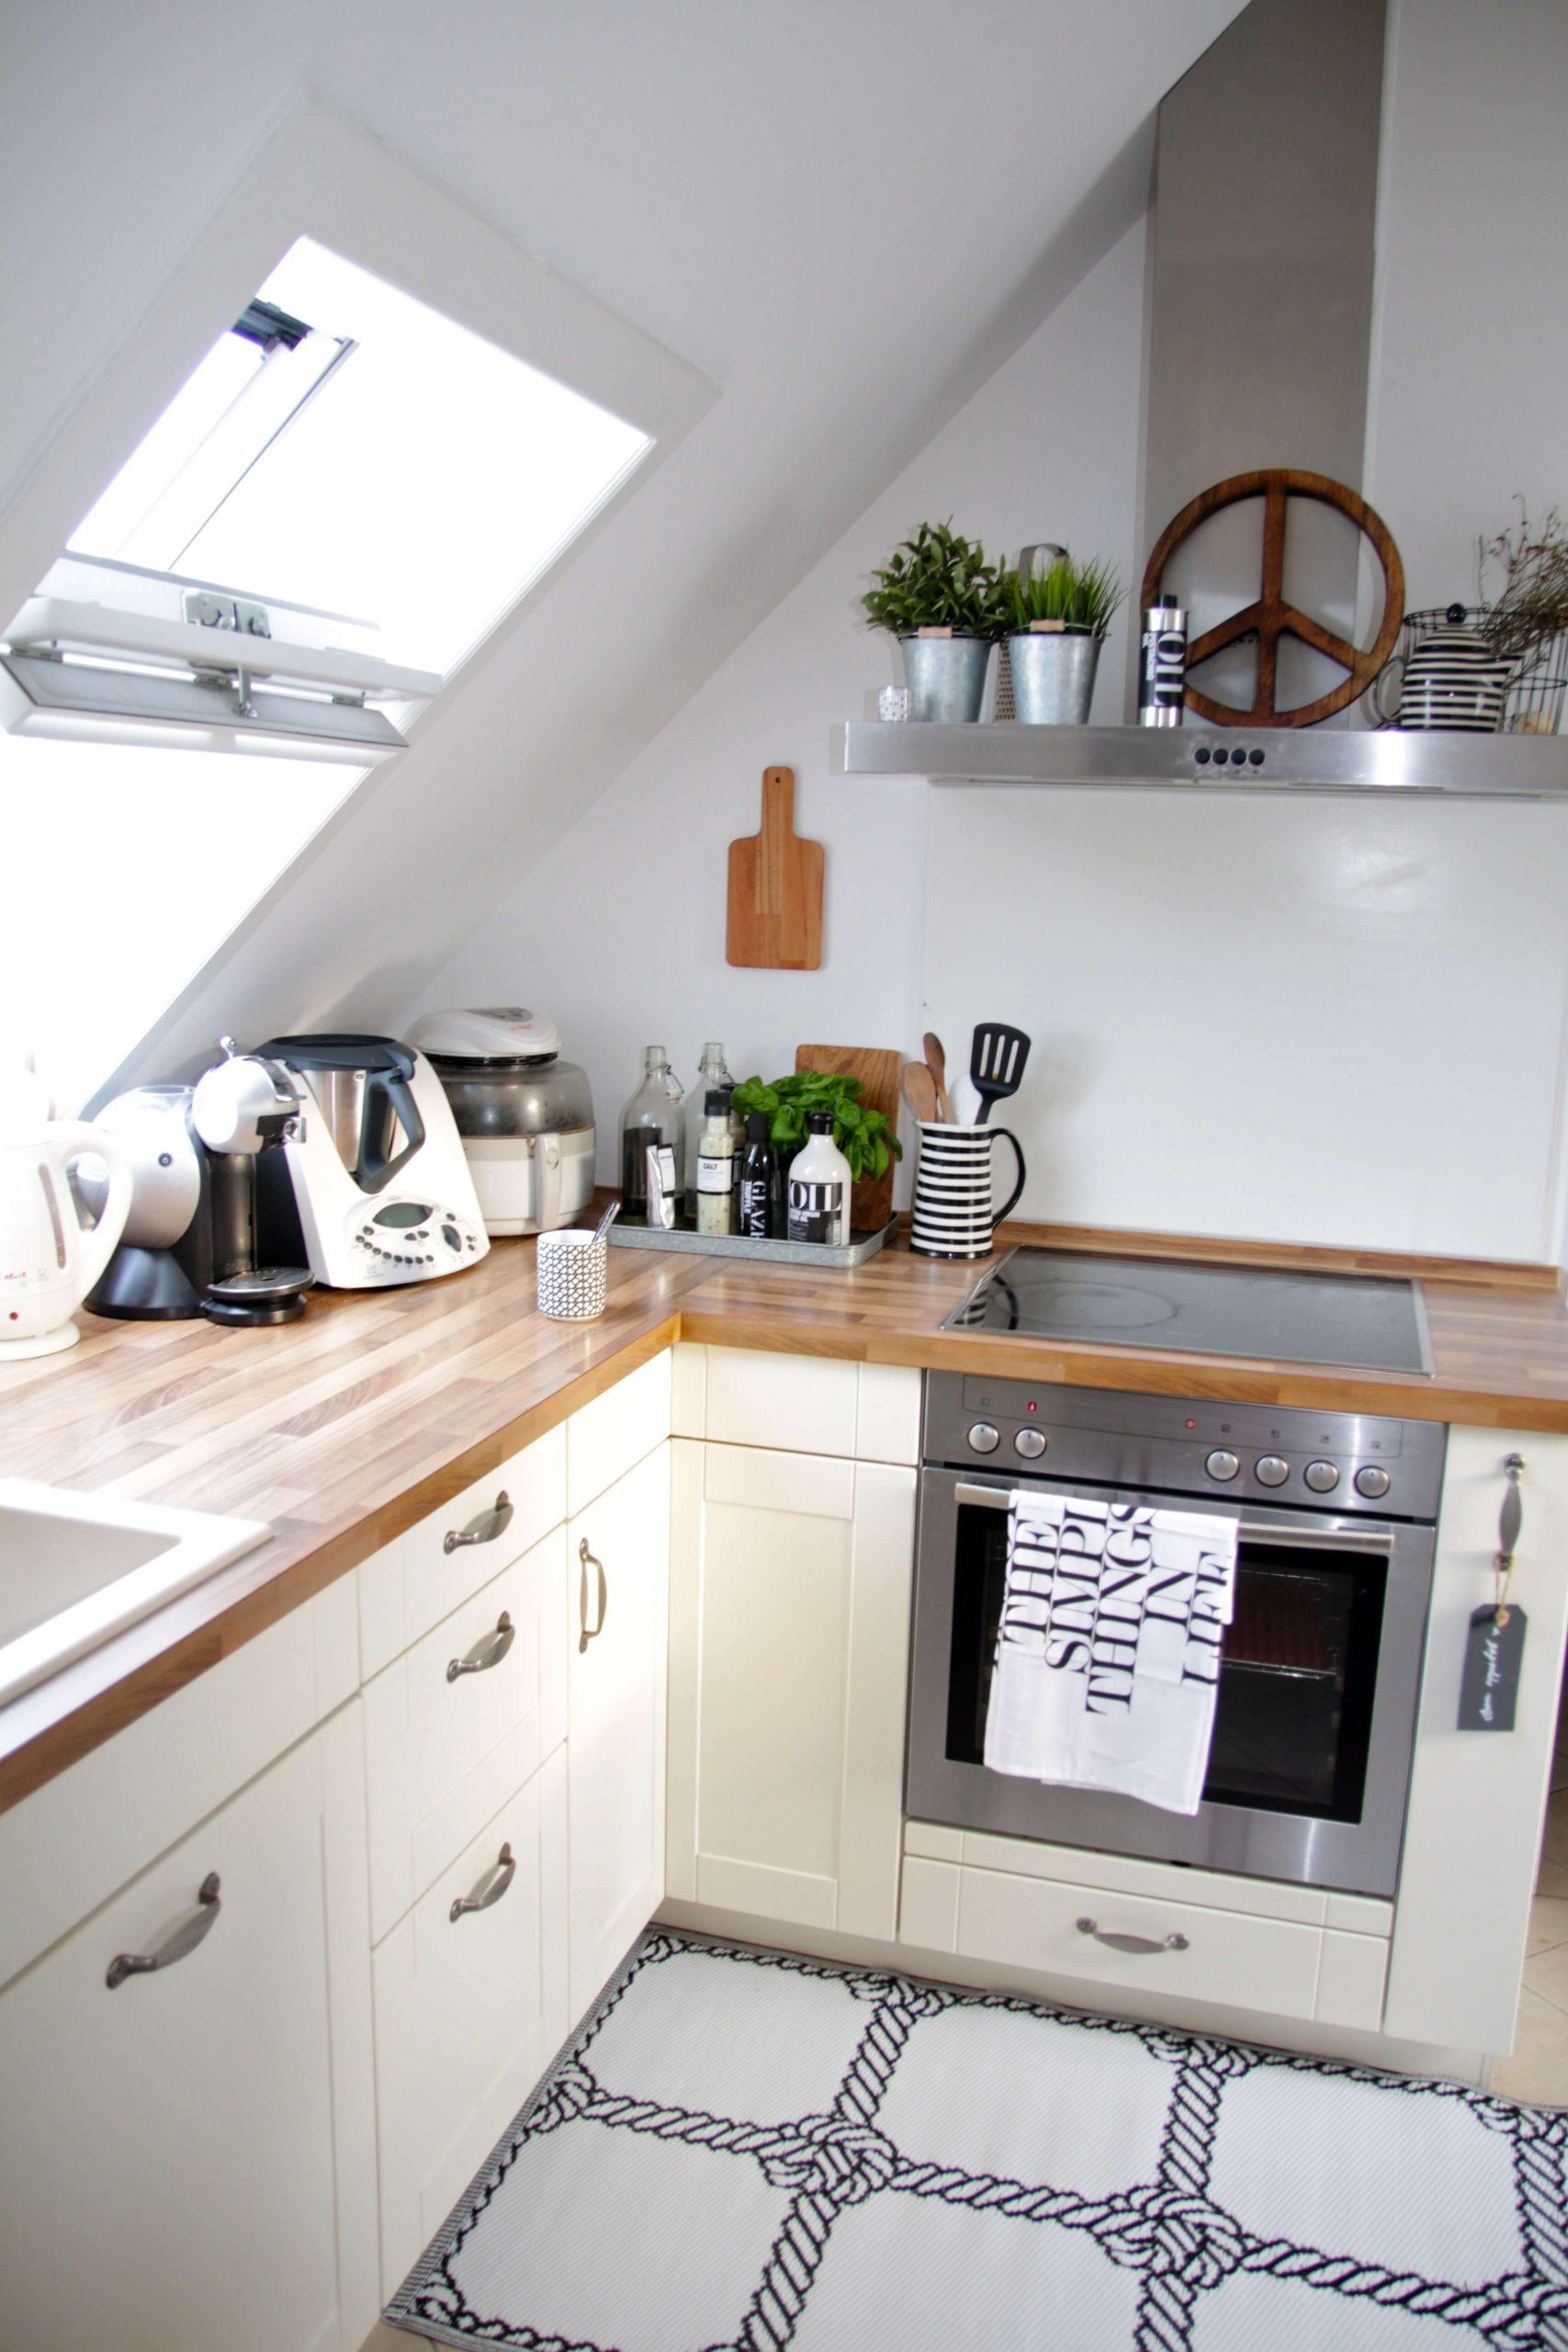 Full Size of Schmale Küche Einrichten Pinterest Kleines Wohnzimmer Mit Küche Einrichten Minecraft Küche Einrichten Deutsch Minimalistische Küche Einrichten Küche Küche Einrichten